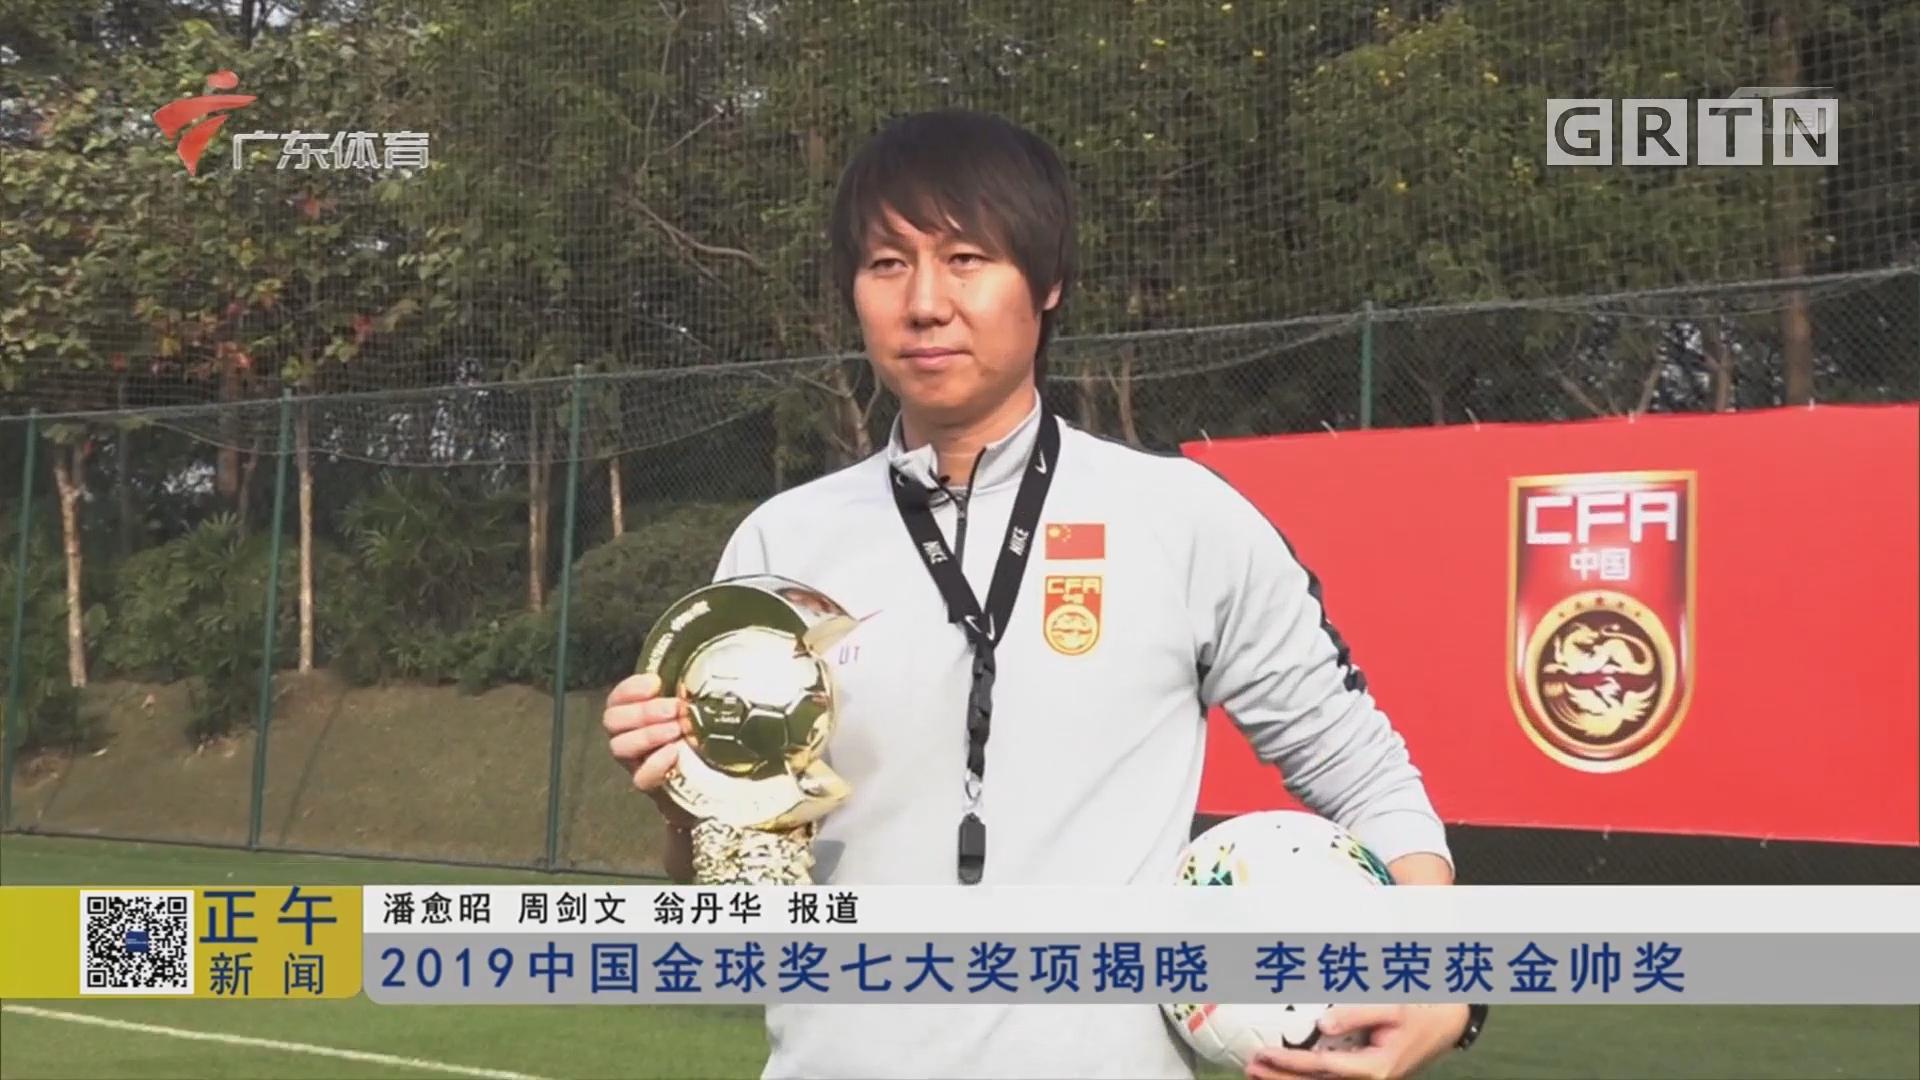 2019中国金球奖七大奖项揭晓 李铁容获金帅奖